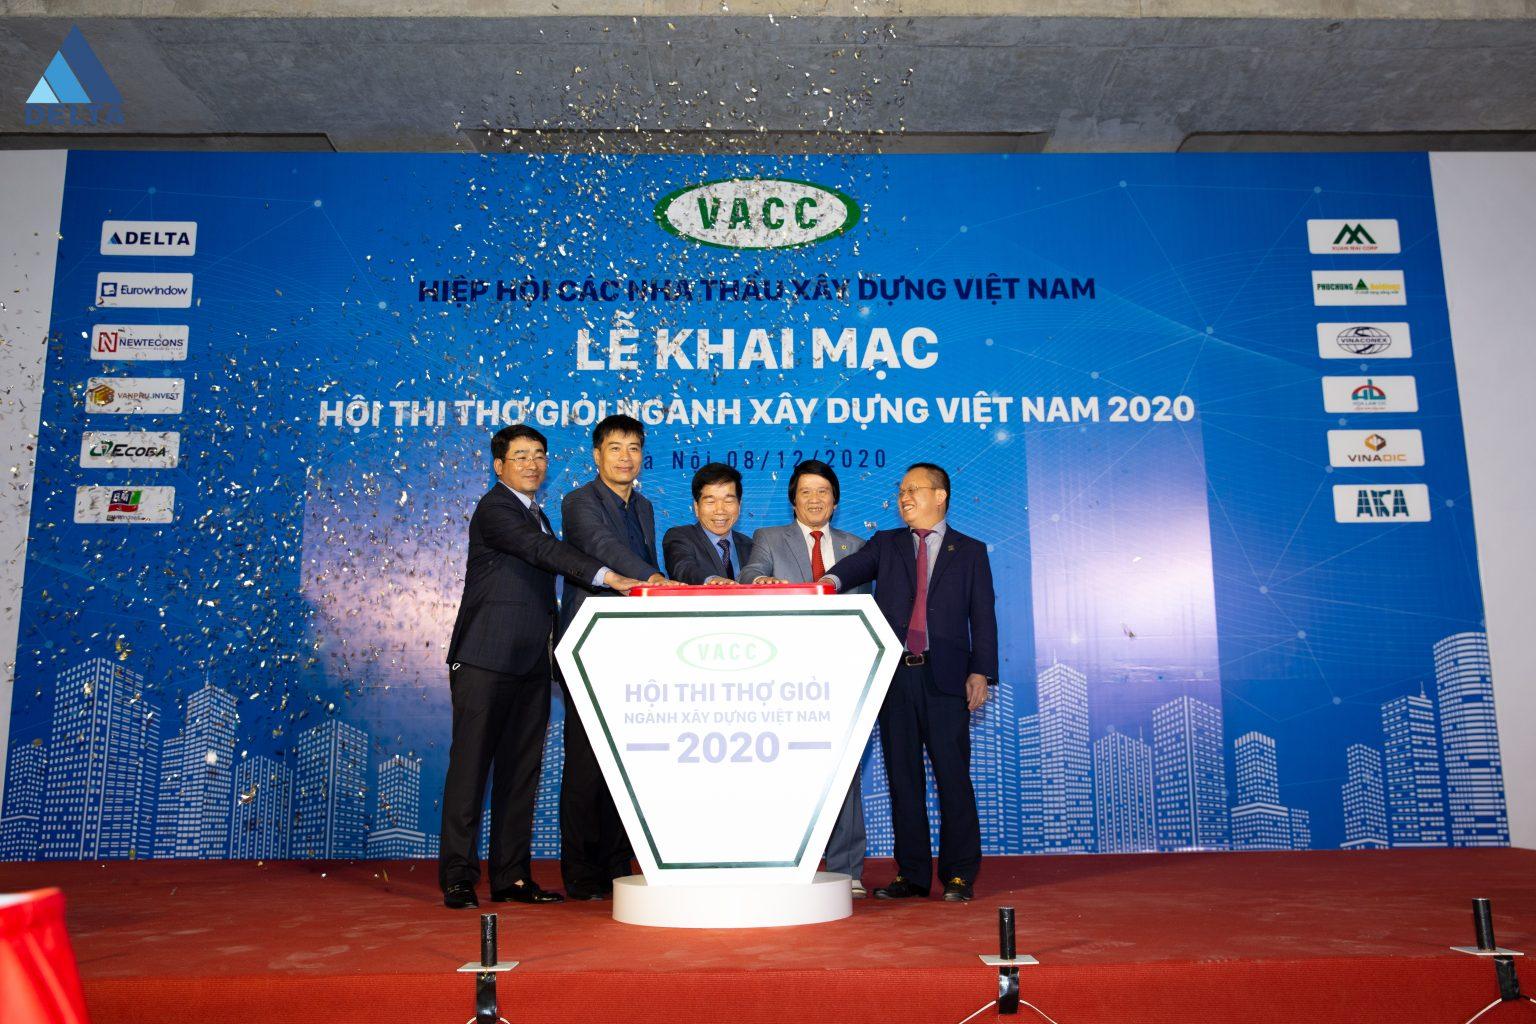 Ban tổ chức hội thi thực hiện nghi thức bấm nút khai mạc hội thi thợ giỏi ngành Xây dựng Việt Nam năm 2020